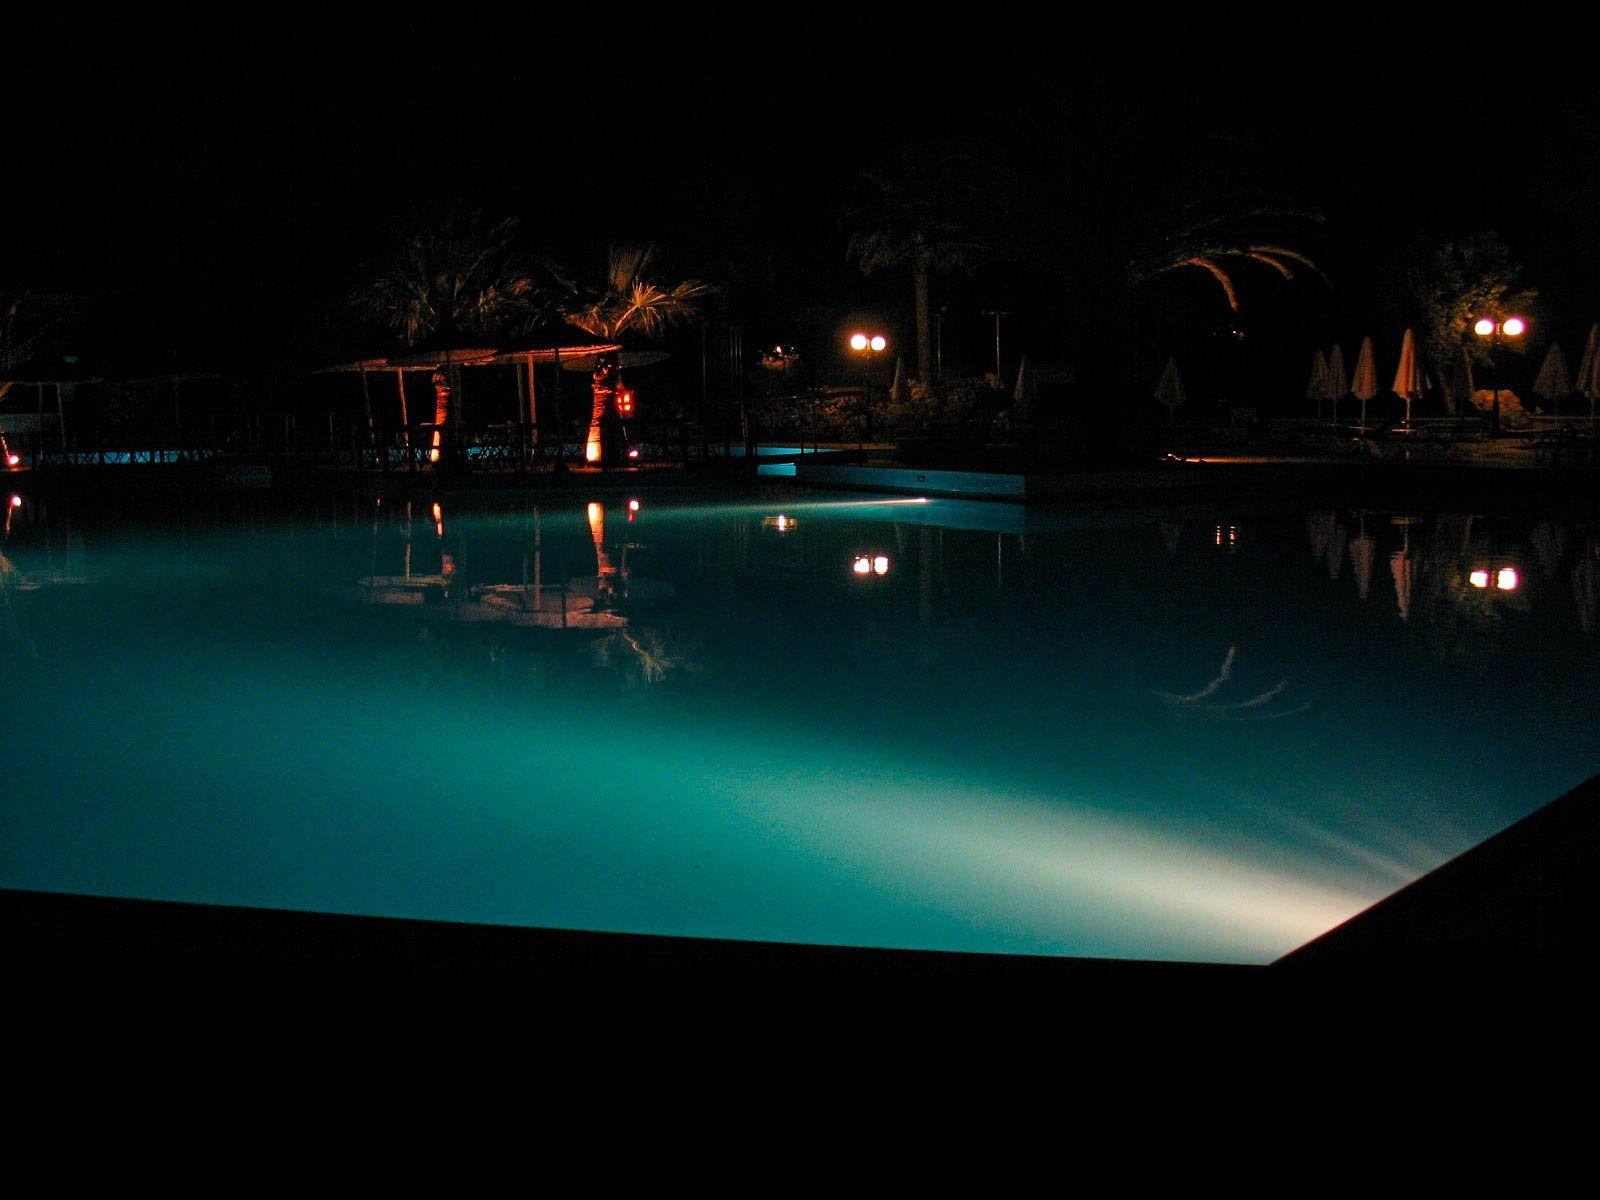 Ночной бассейн, Крит (04.06.2006)